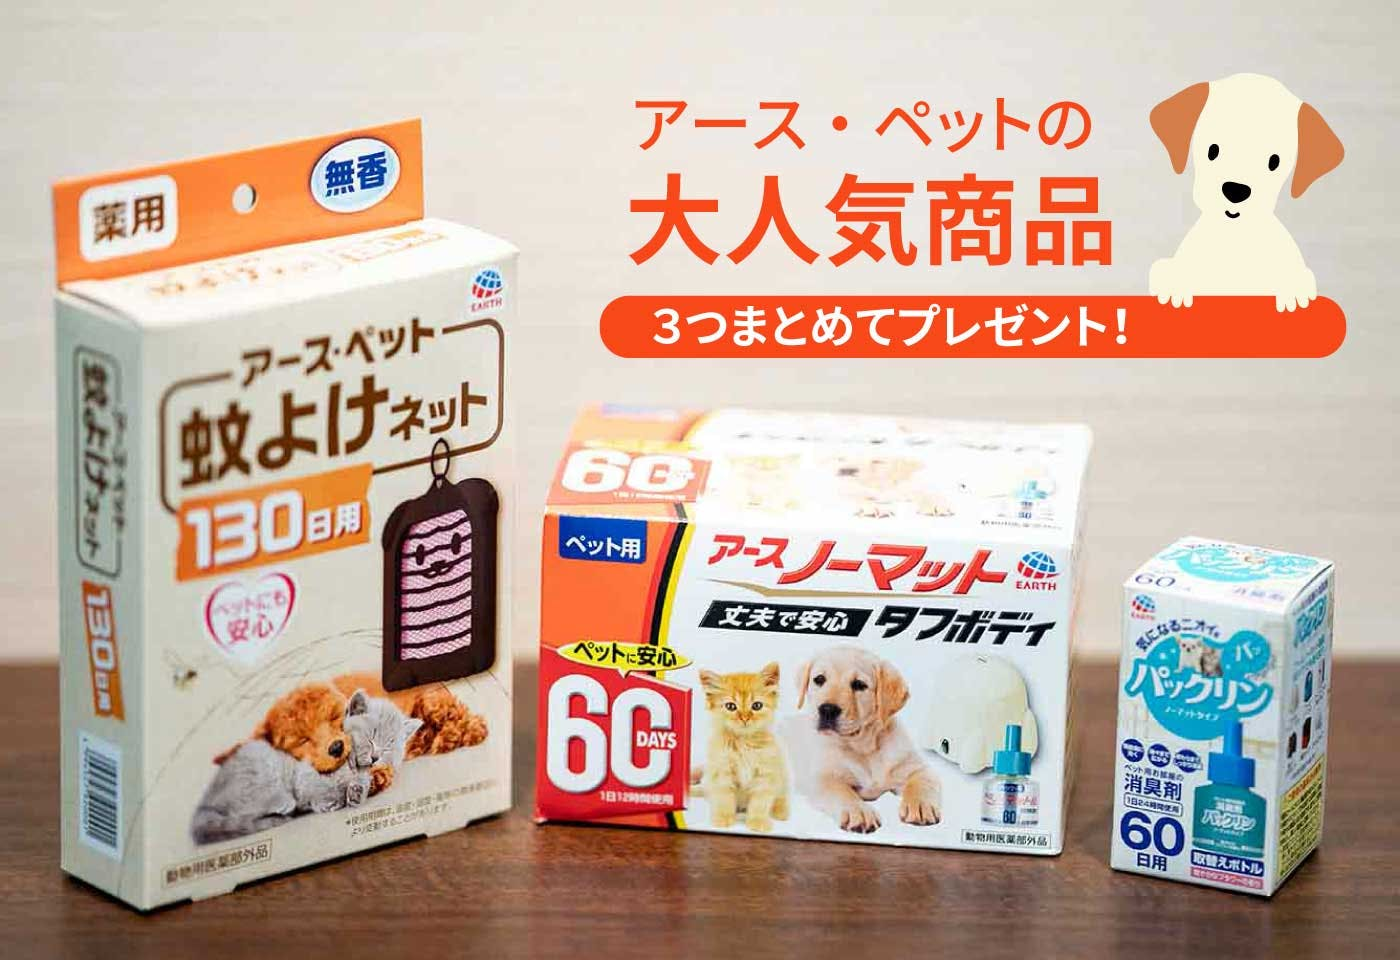 【プレゼントキャンペーン】SNSで応募して、アース・ペットの人気商品3点セットをゲットしよう!